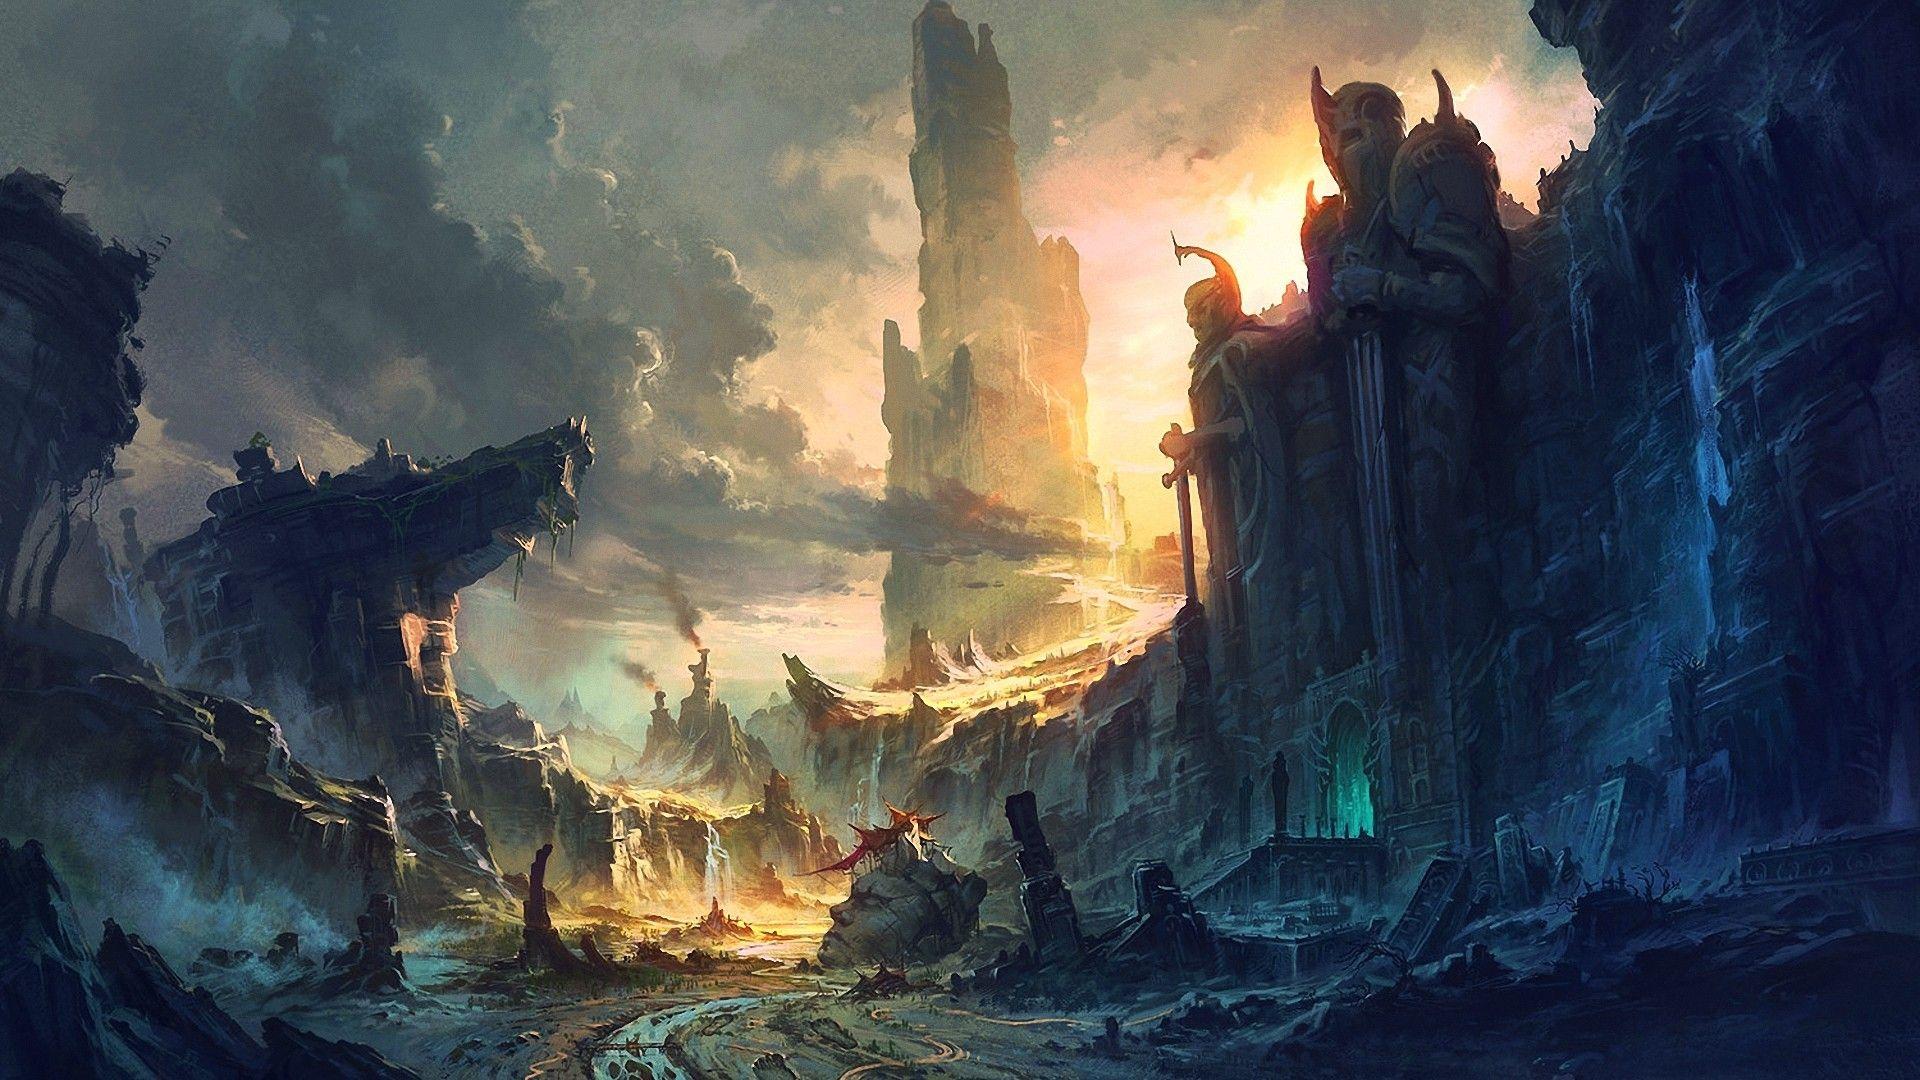 Fantasy Artwork Background Hd 2 | drawing 1 | Pinterest | Artworks ...